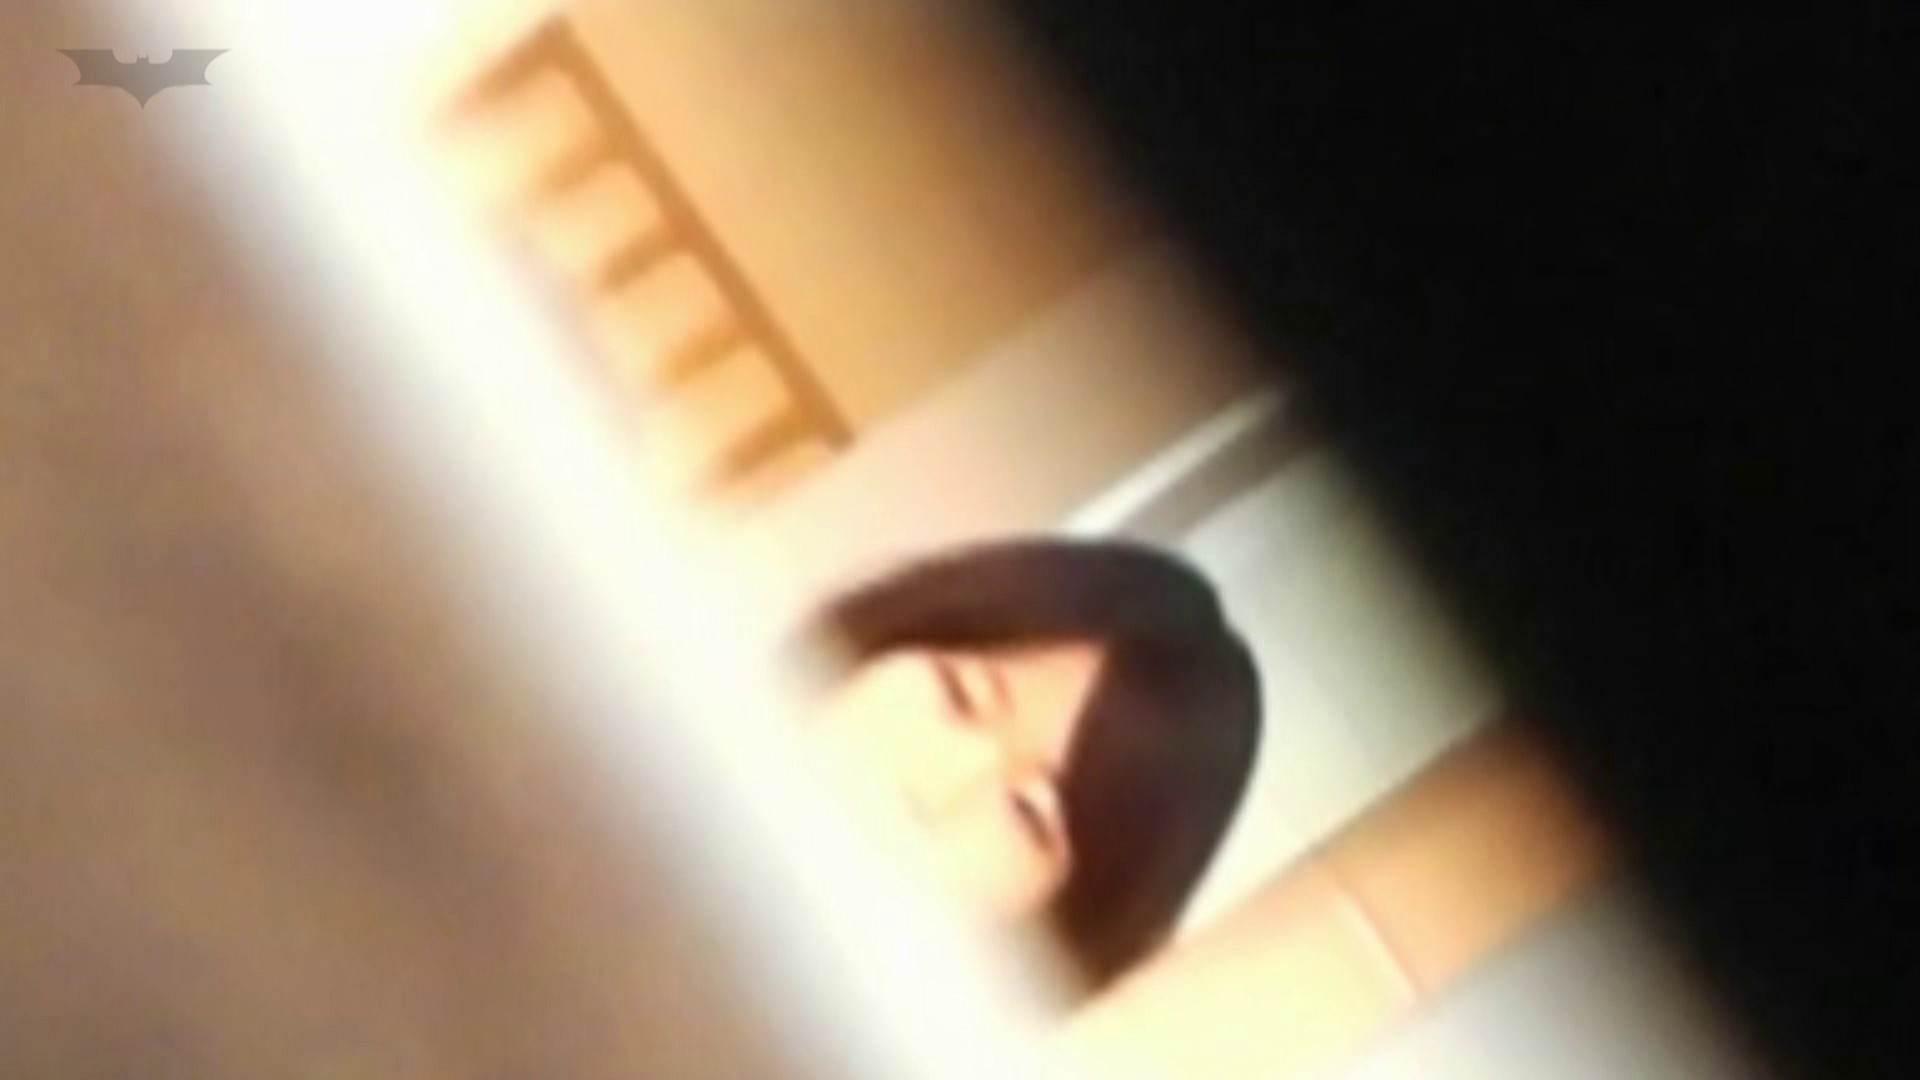 第三体育館潜入撮File015 「進化」の最後に登場した美人がついに入室! 美人編 アダルト動画キャプチャ 99画像 33